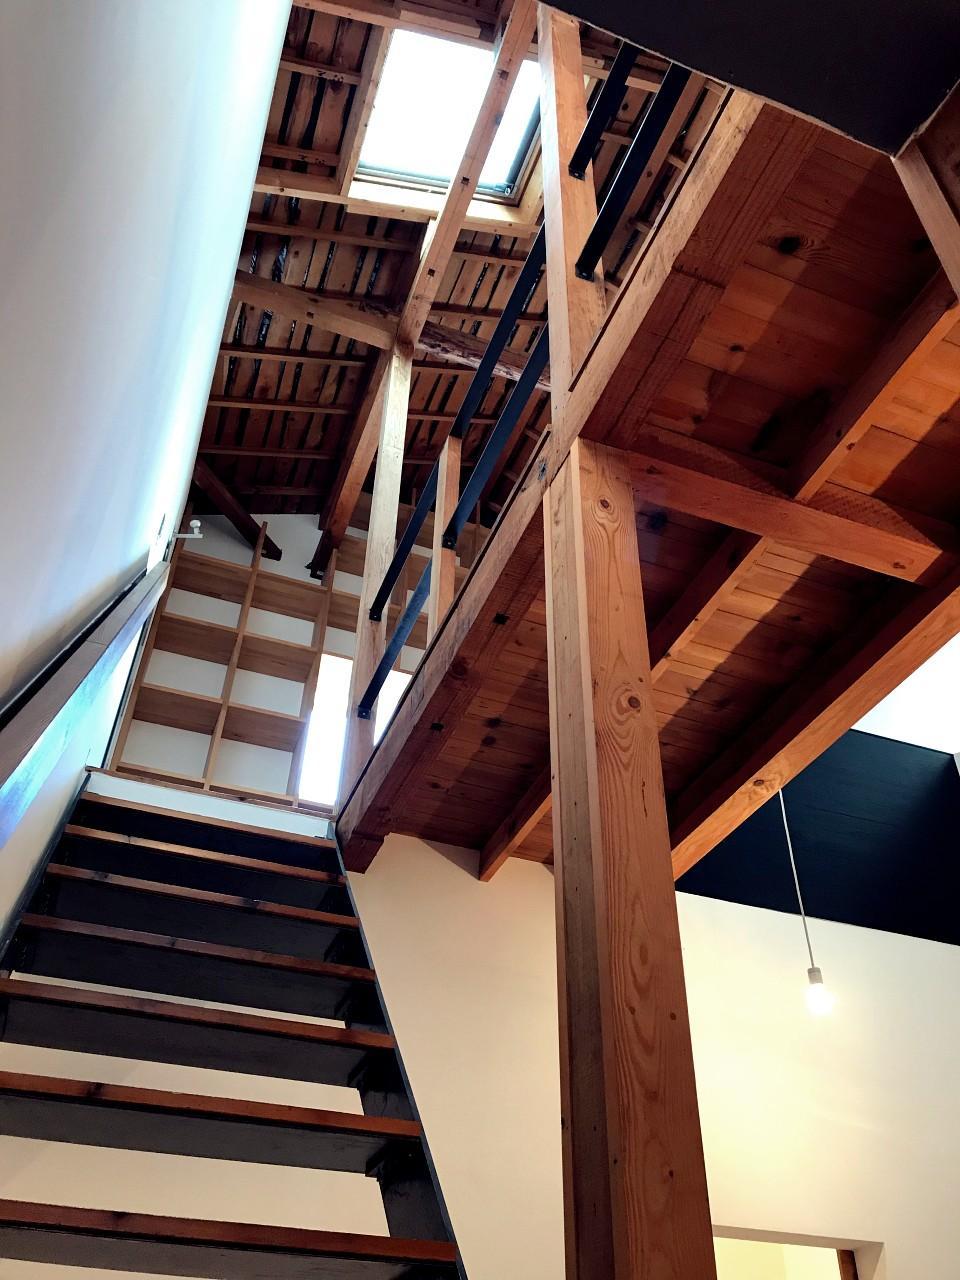 階段からのアングルも奥行きがすごい!